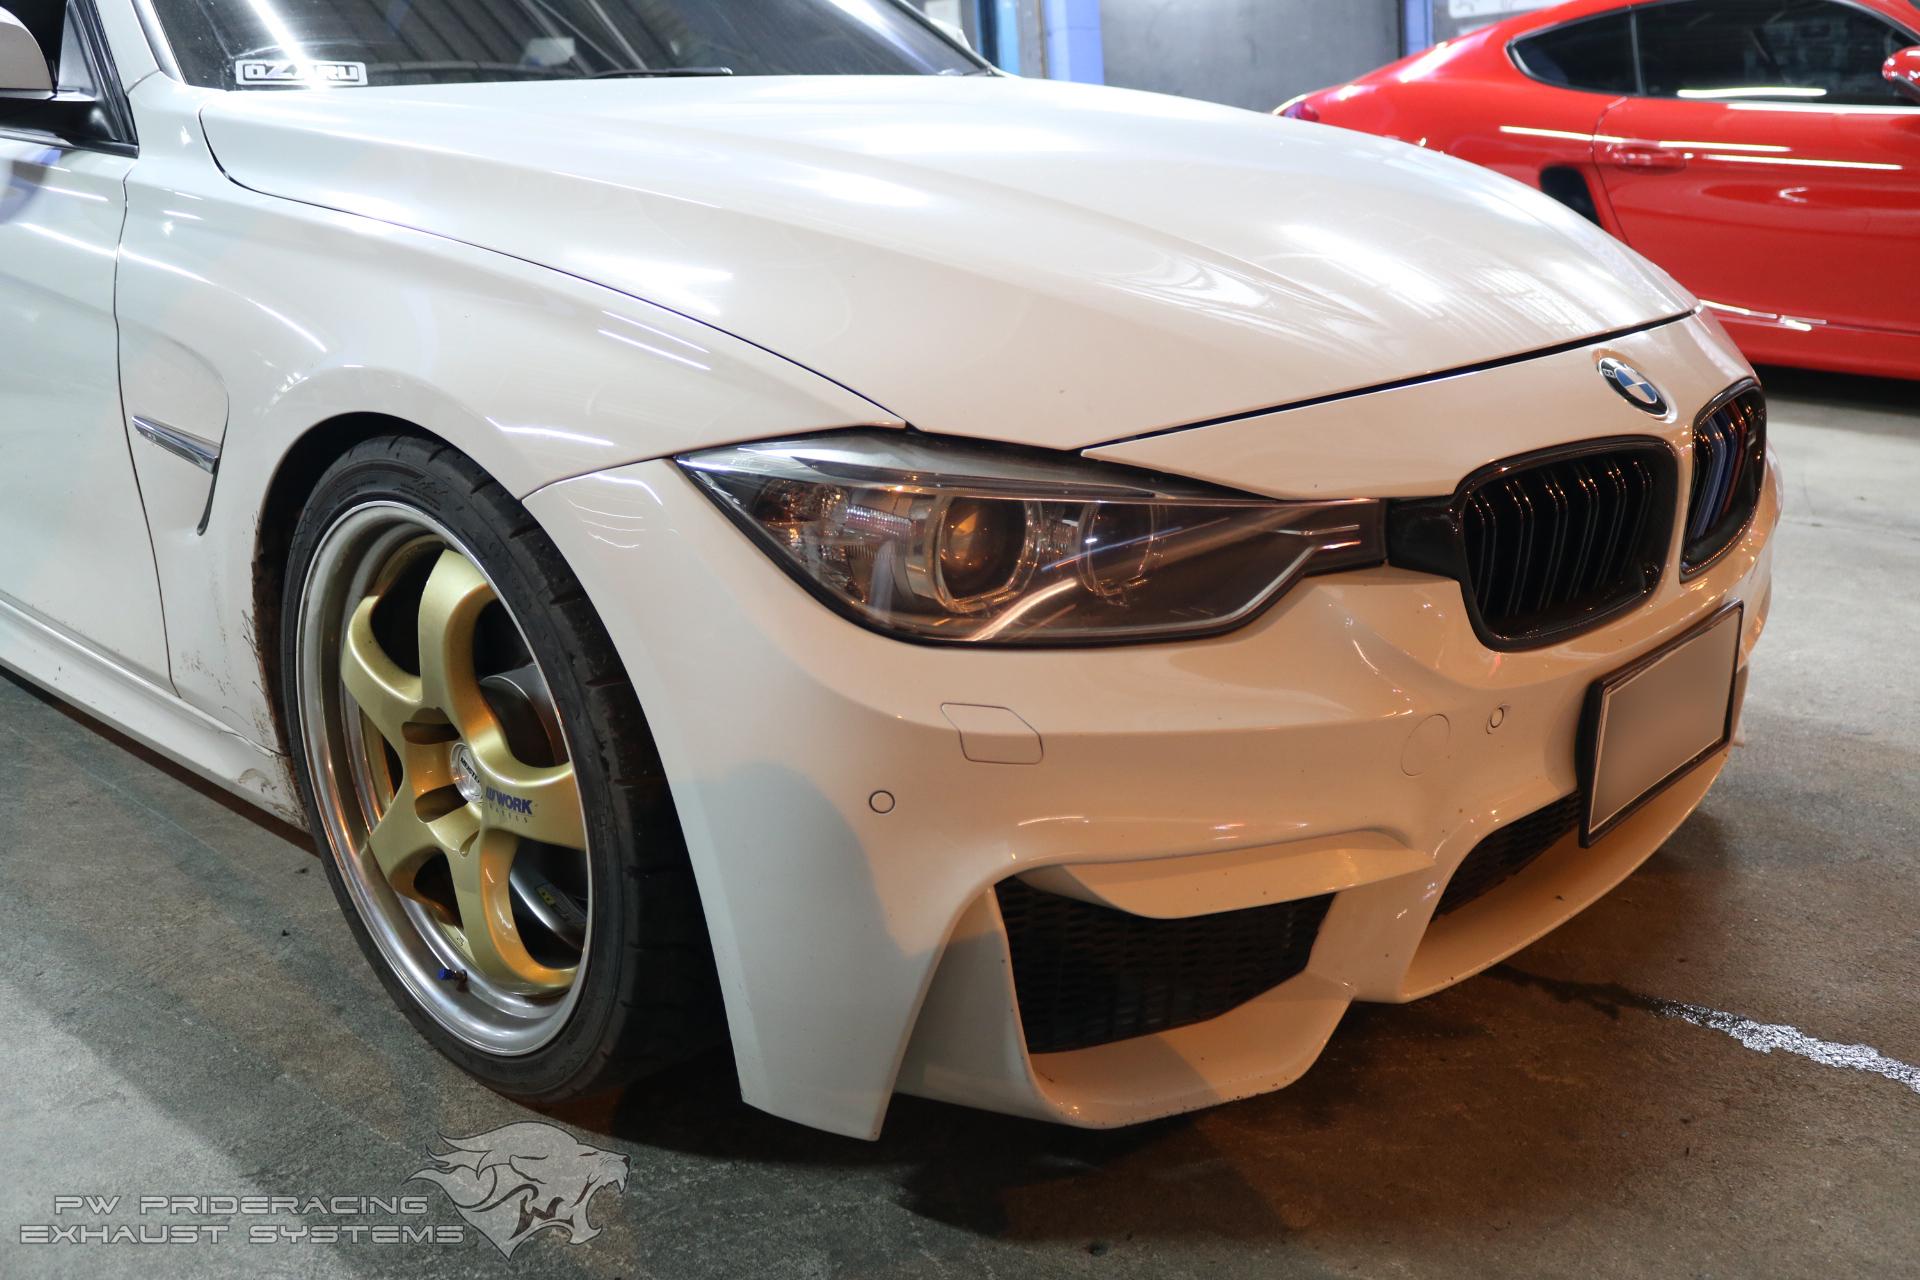 ชุดท่อไอเสีย BMW F30 320D N47 Engine by PW PrideRacing